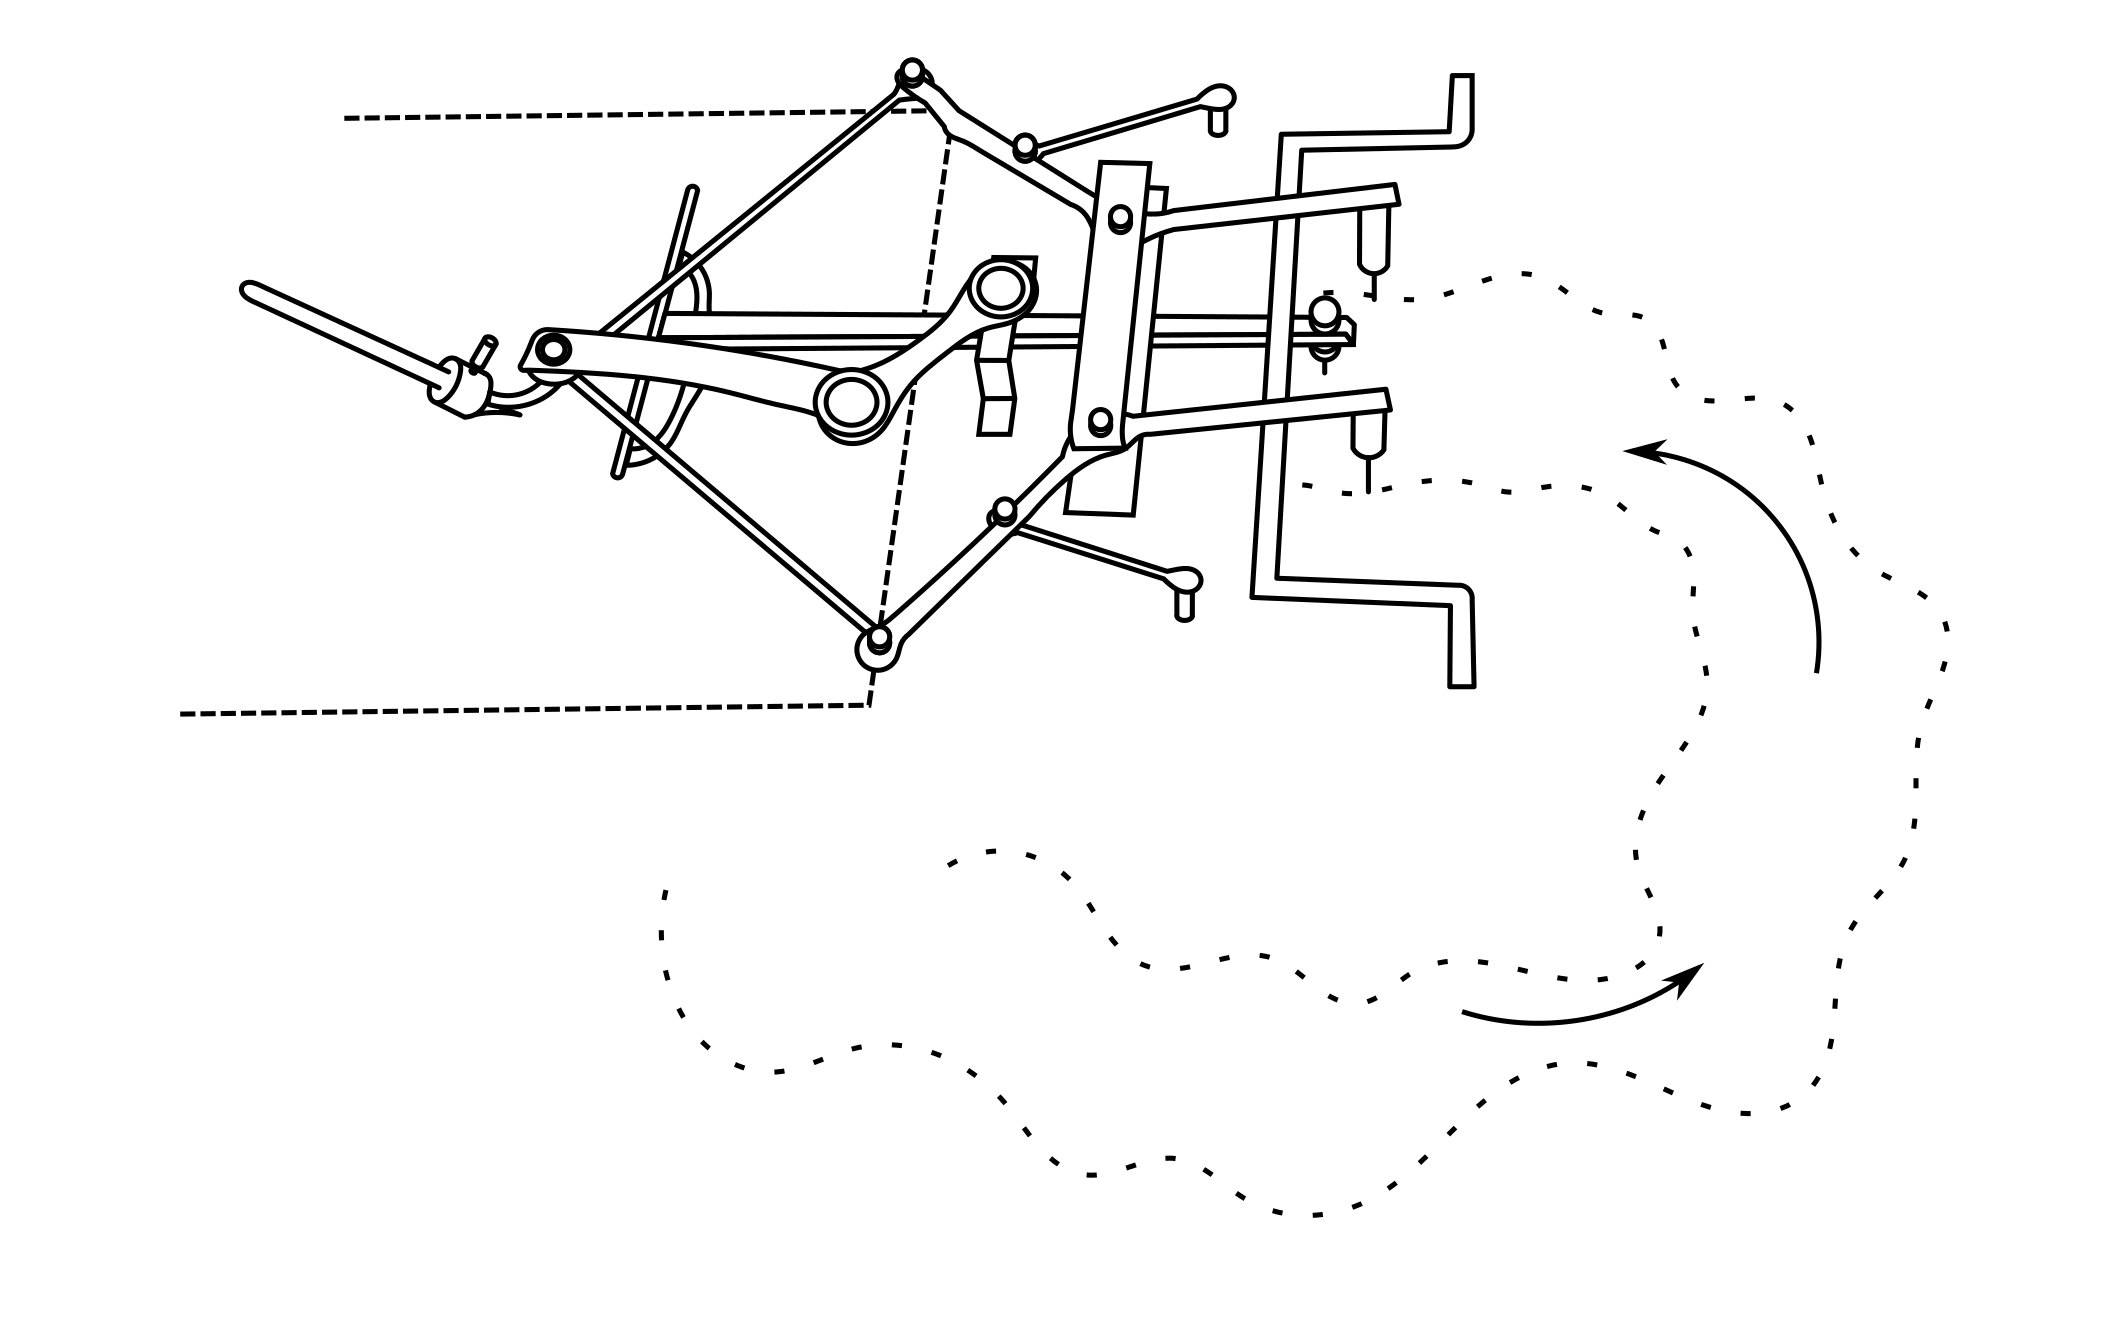 images/signature-machine-matrix.png